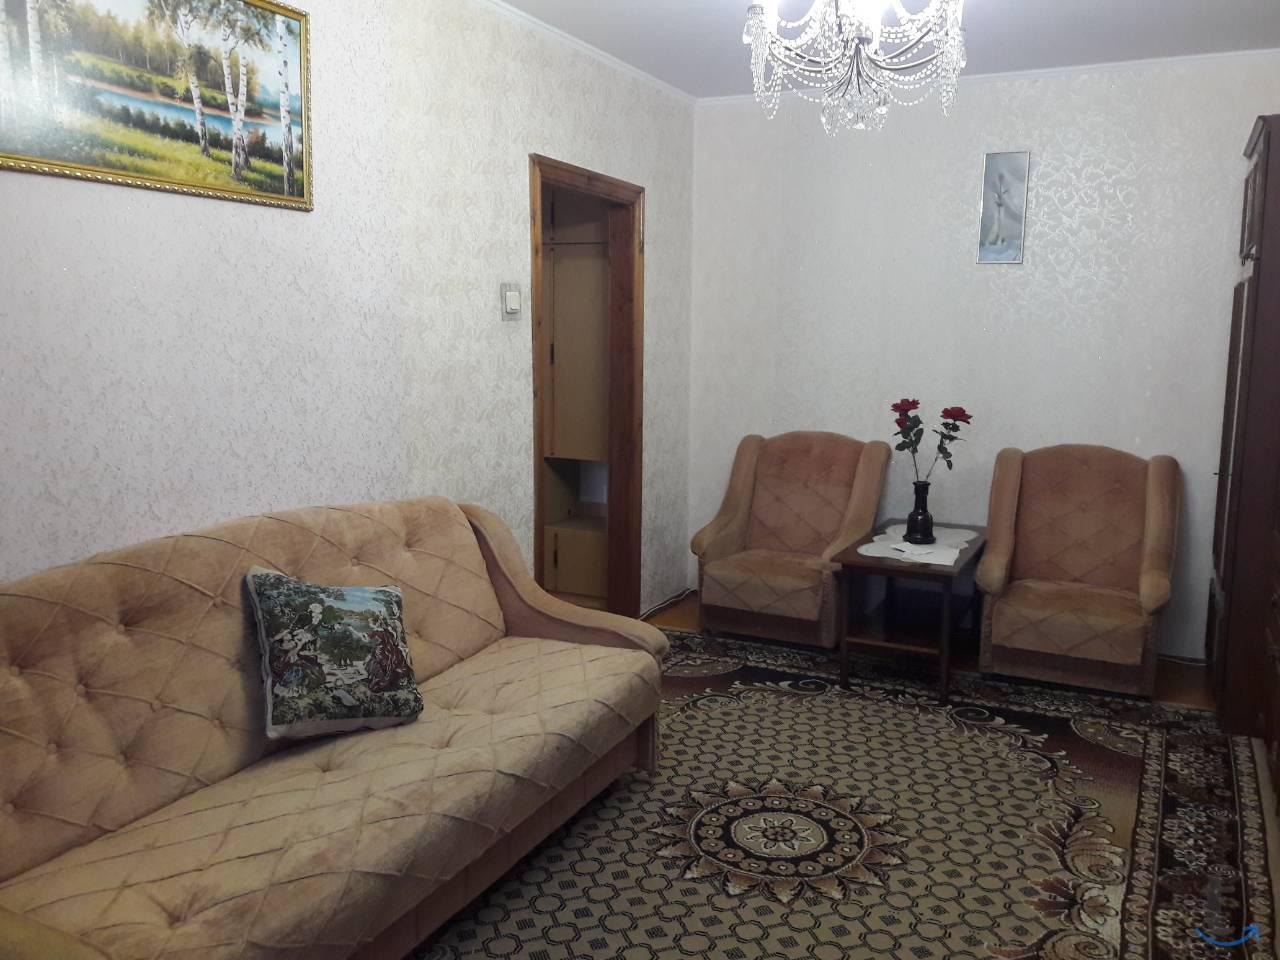 Сдается 2-х комнатная квартира под ключ в Симферополе